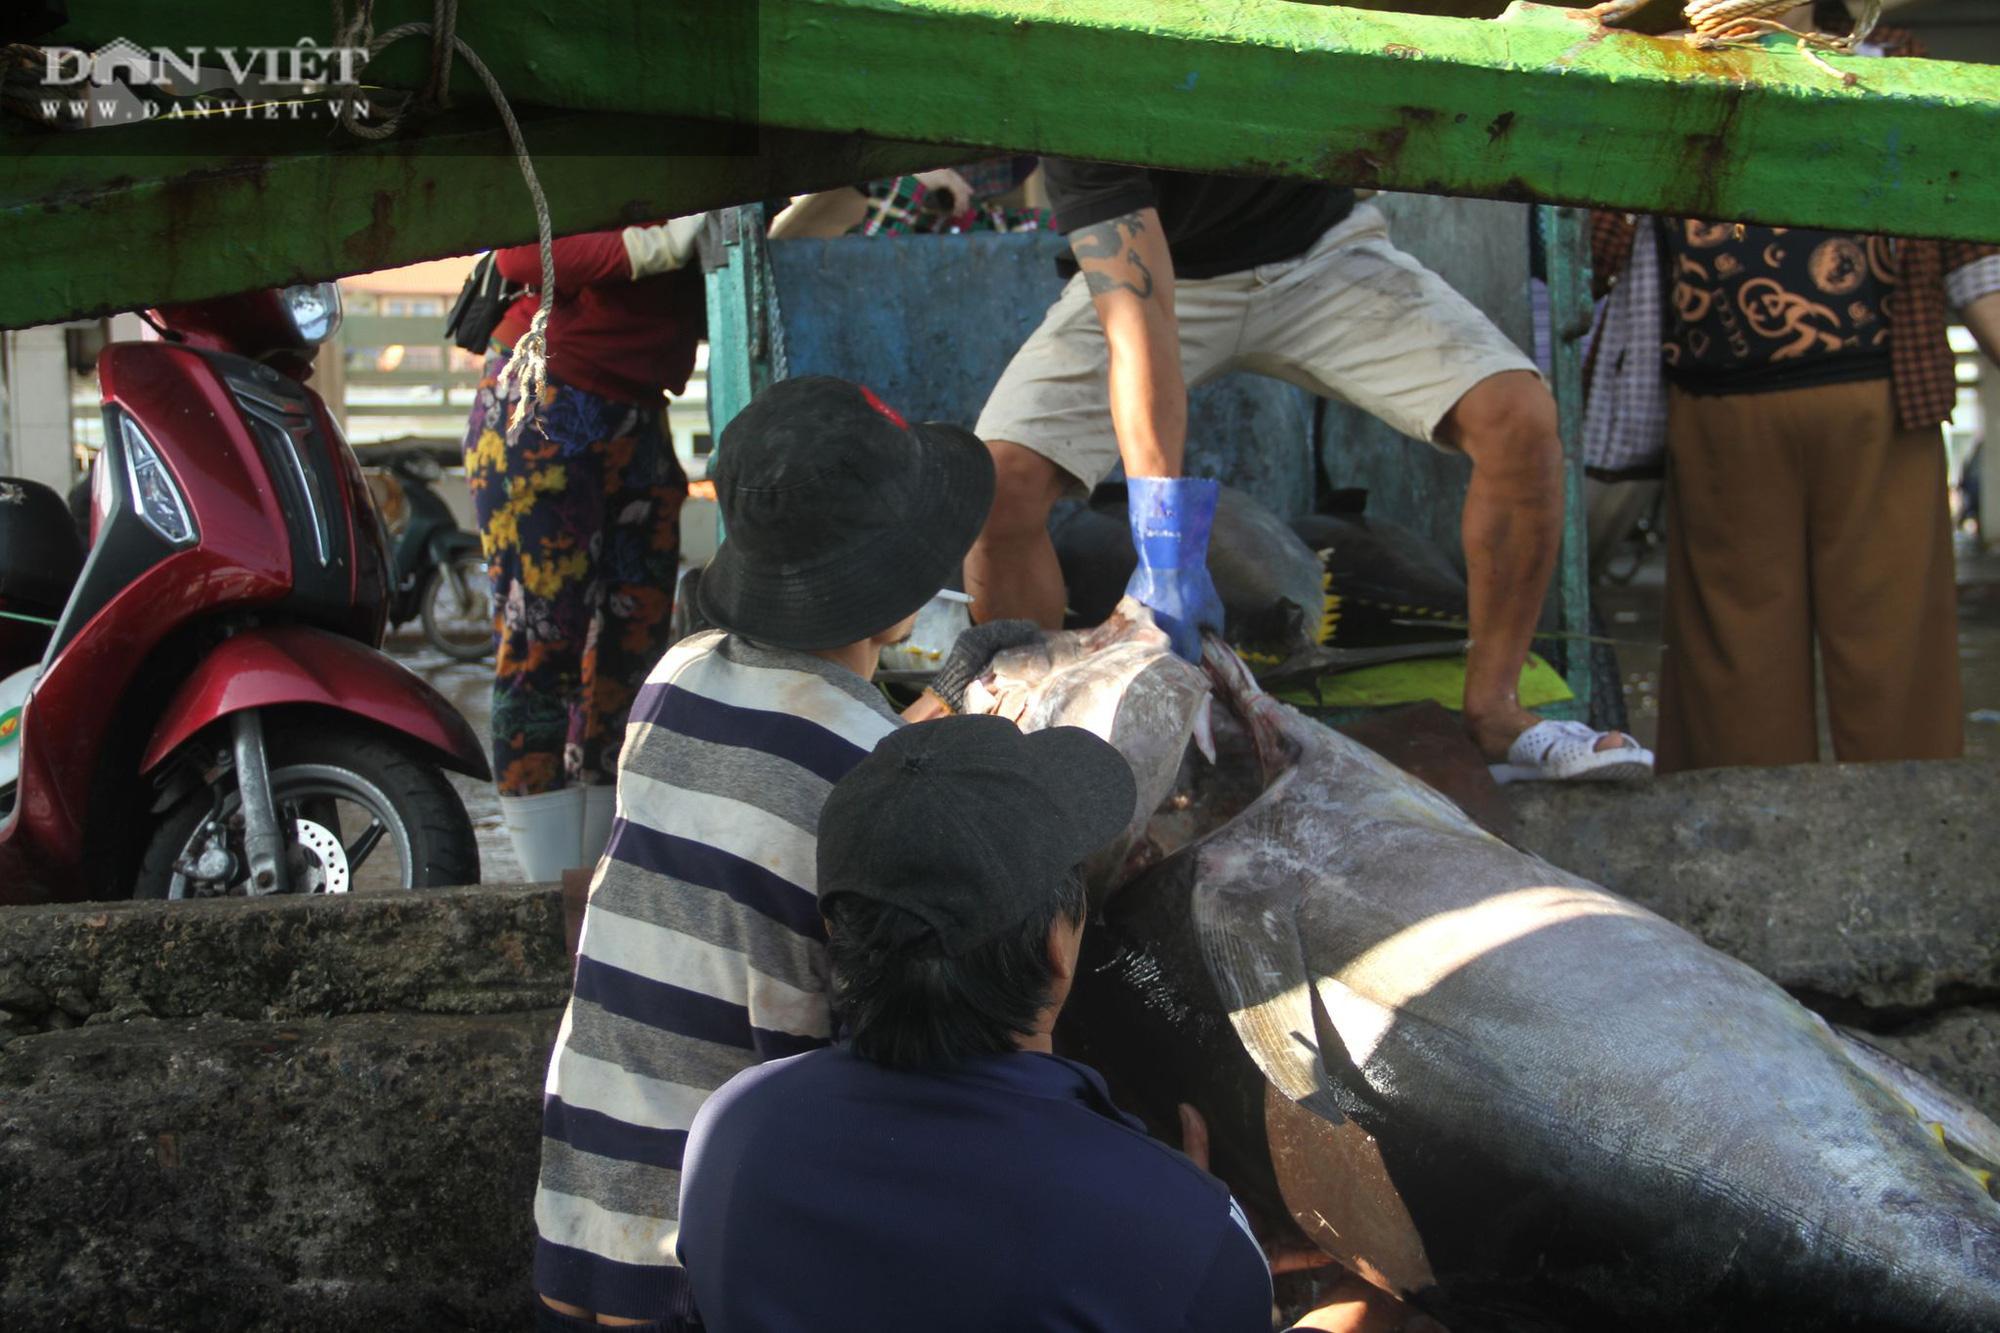 Cận cảnh đưa cá ngừ đại dương về bờ sau chuyến biển xuyên Tết - Ảnh 15.